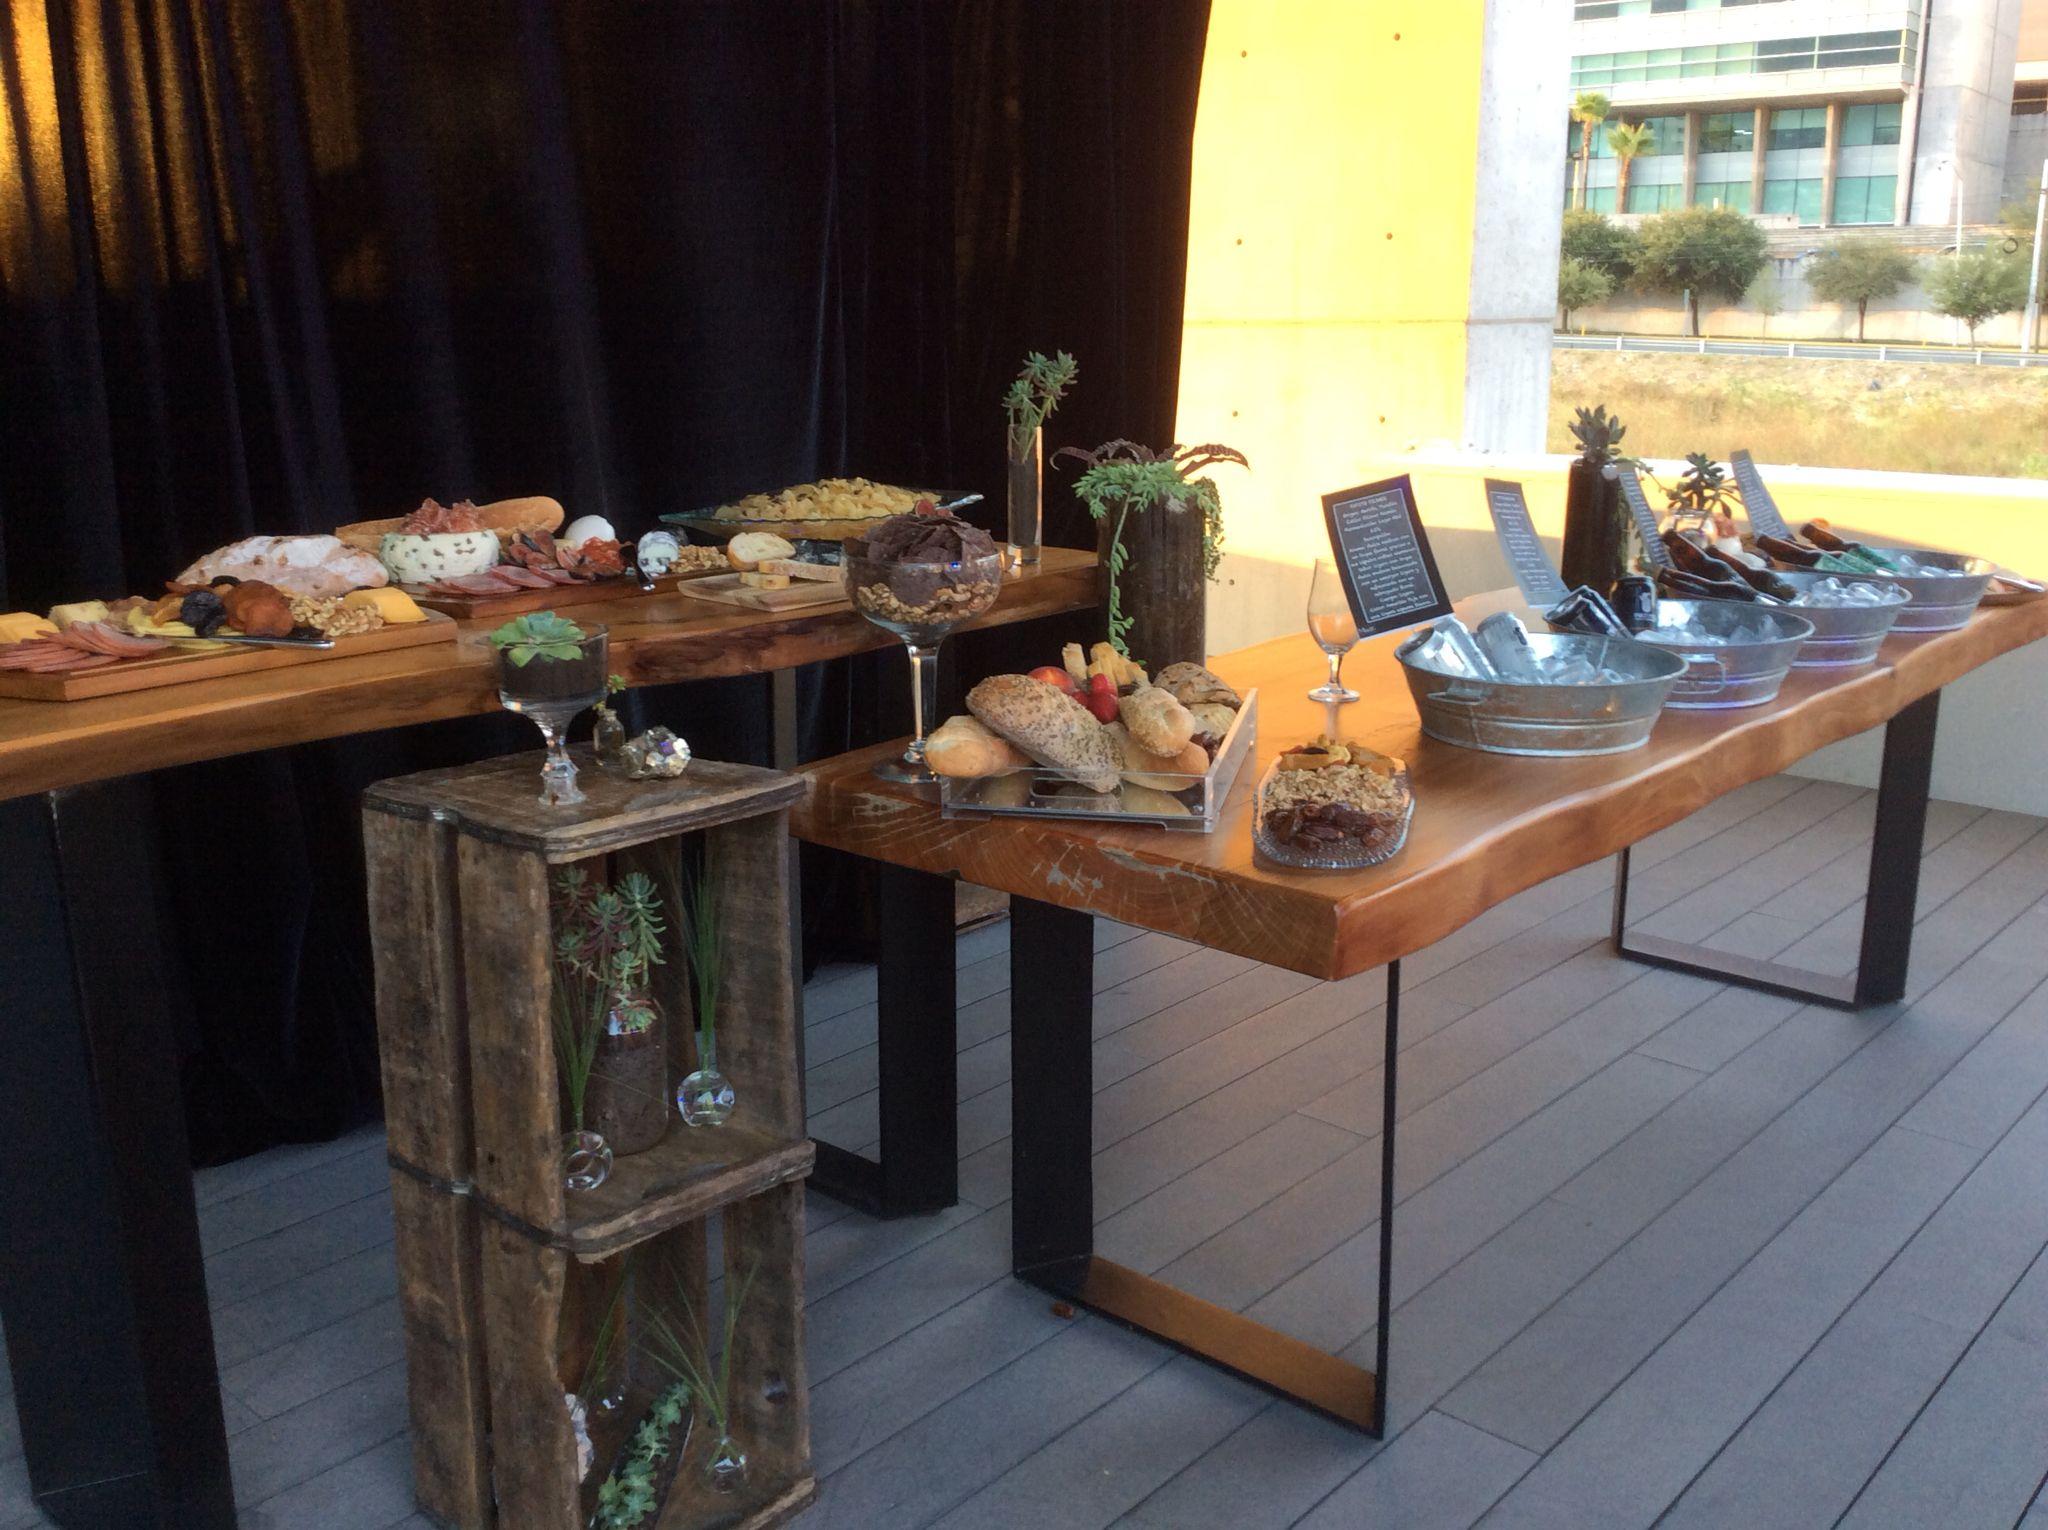 Mesa de botana para degustar la cata de cervezas artesanales, un evento de Miuusic Art Catering. Con apoyo de @DeliciasVerdes para diseño de charolas y elaboración de bocadillos frescos.